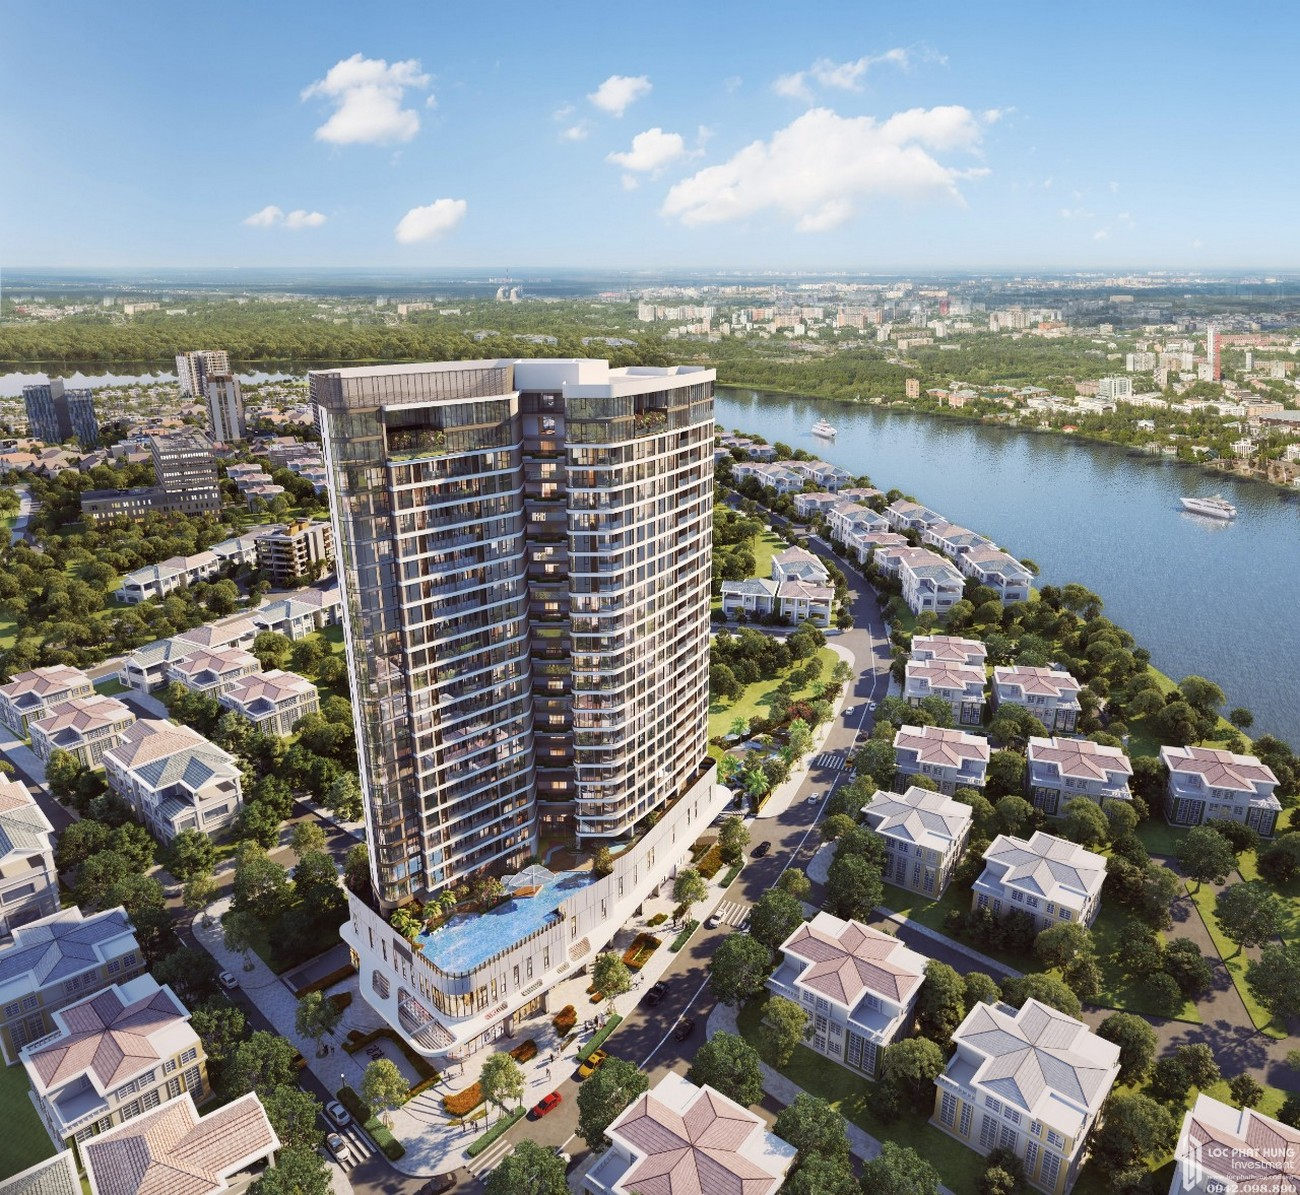 Phối cảnh tổng thể dự án căn hộ chung cư Thảo Điền Green Towers Quận 2 chủ đầu tư SIC